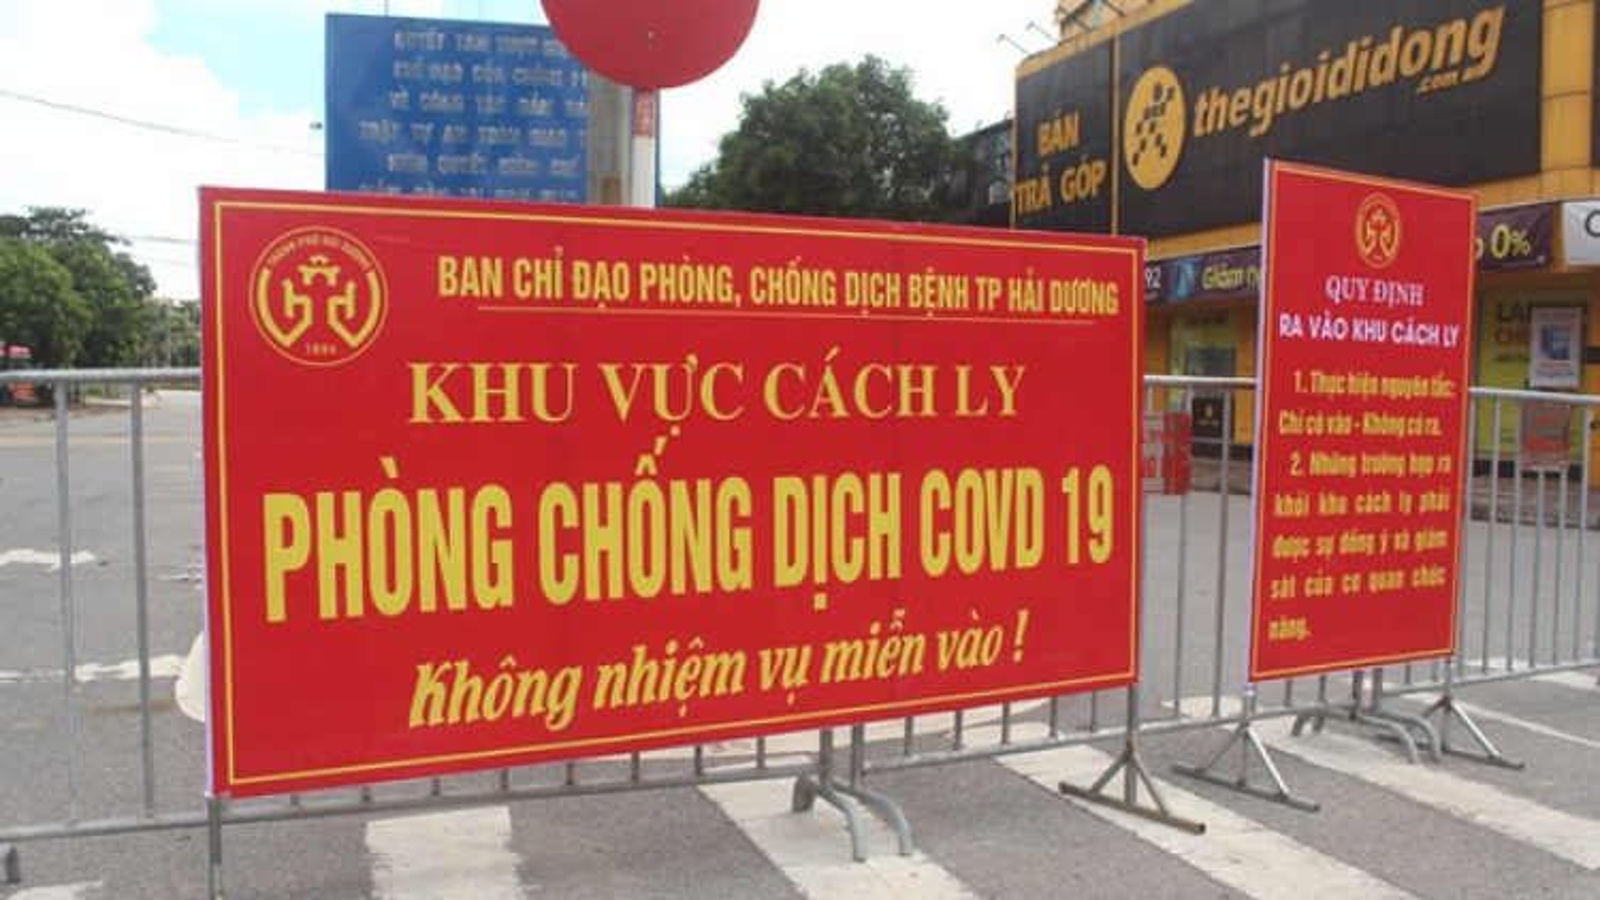 Vi phạm quy định cách ly, nam tiếp viên Vietnam Airlines có thể bị phạt tù